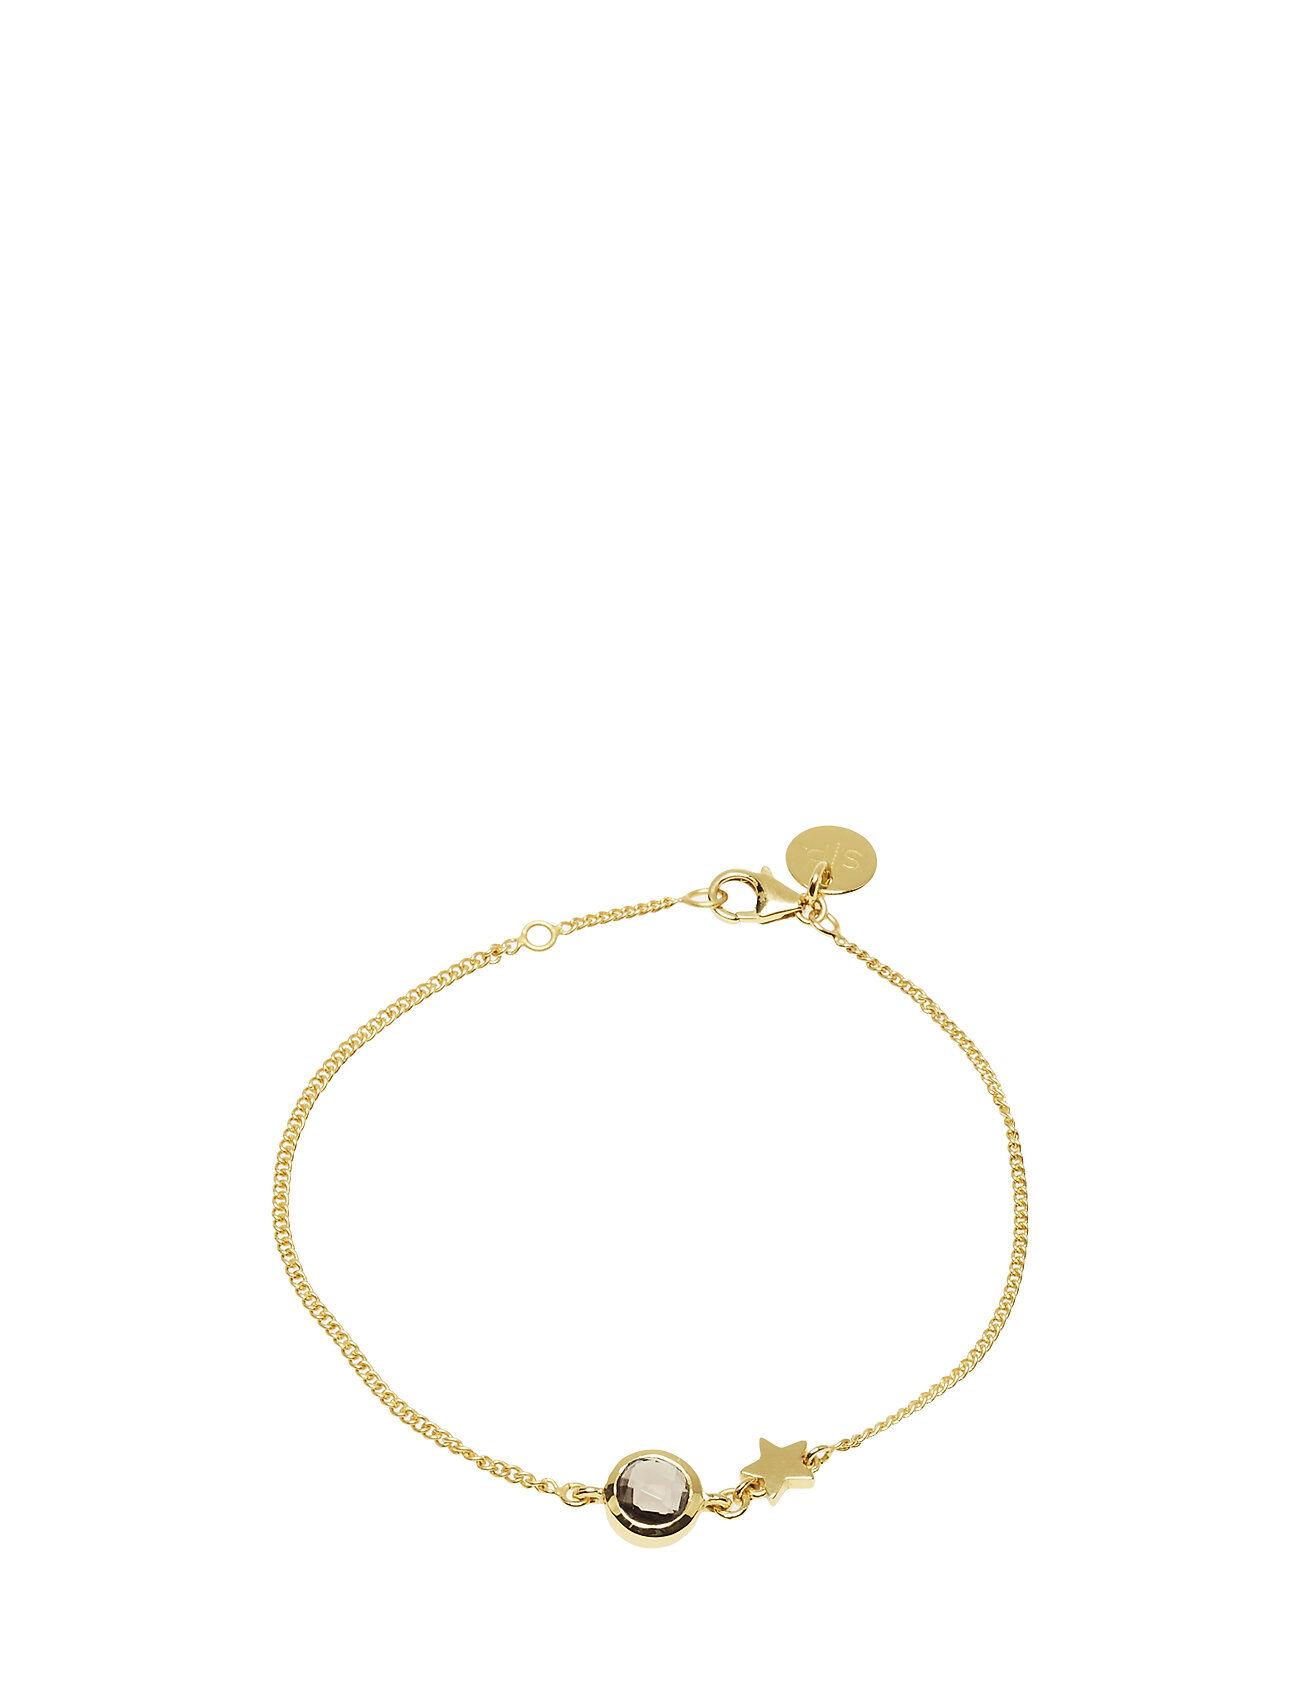 Syster P Priscilla Bracelet Gold Smokey Accessories Jewellery Bracelets Chain Bracelets Kulta Syster P